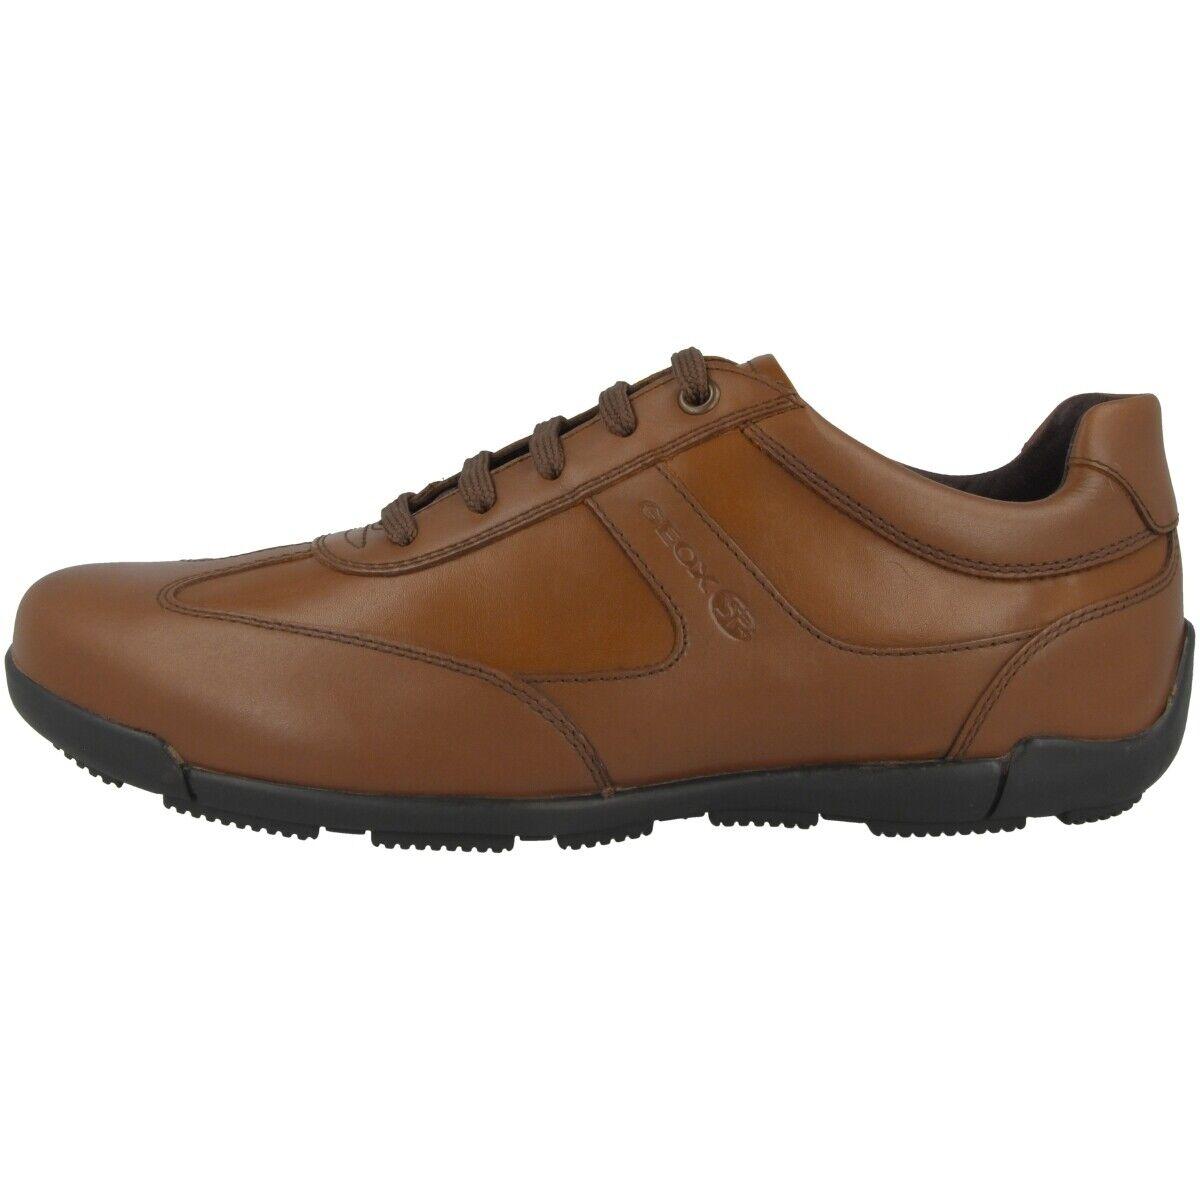 Geox U Edgware C shoes Mens Sneakers Leather Half shoes Cognac U843BC043BCC6001